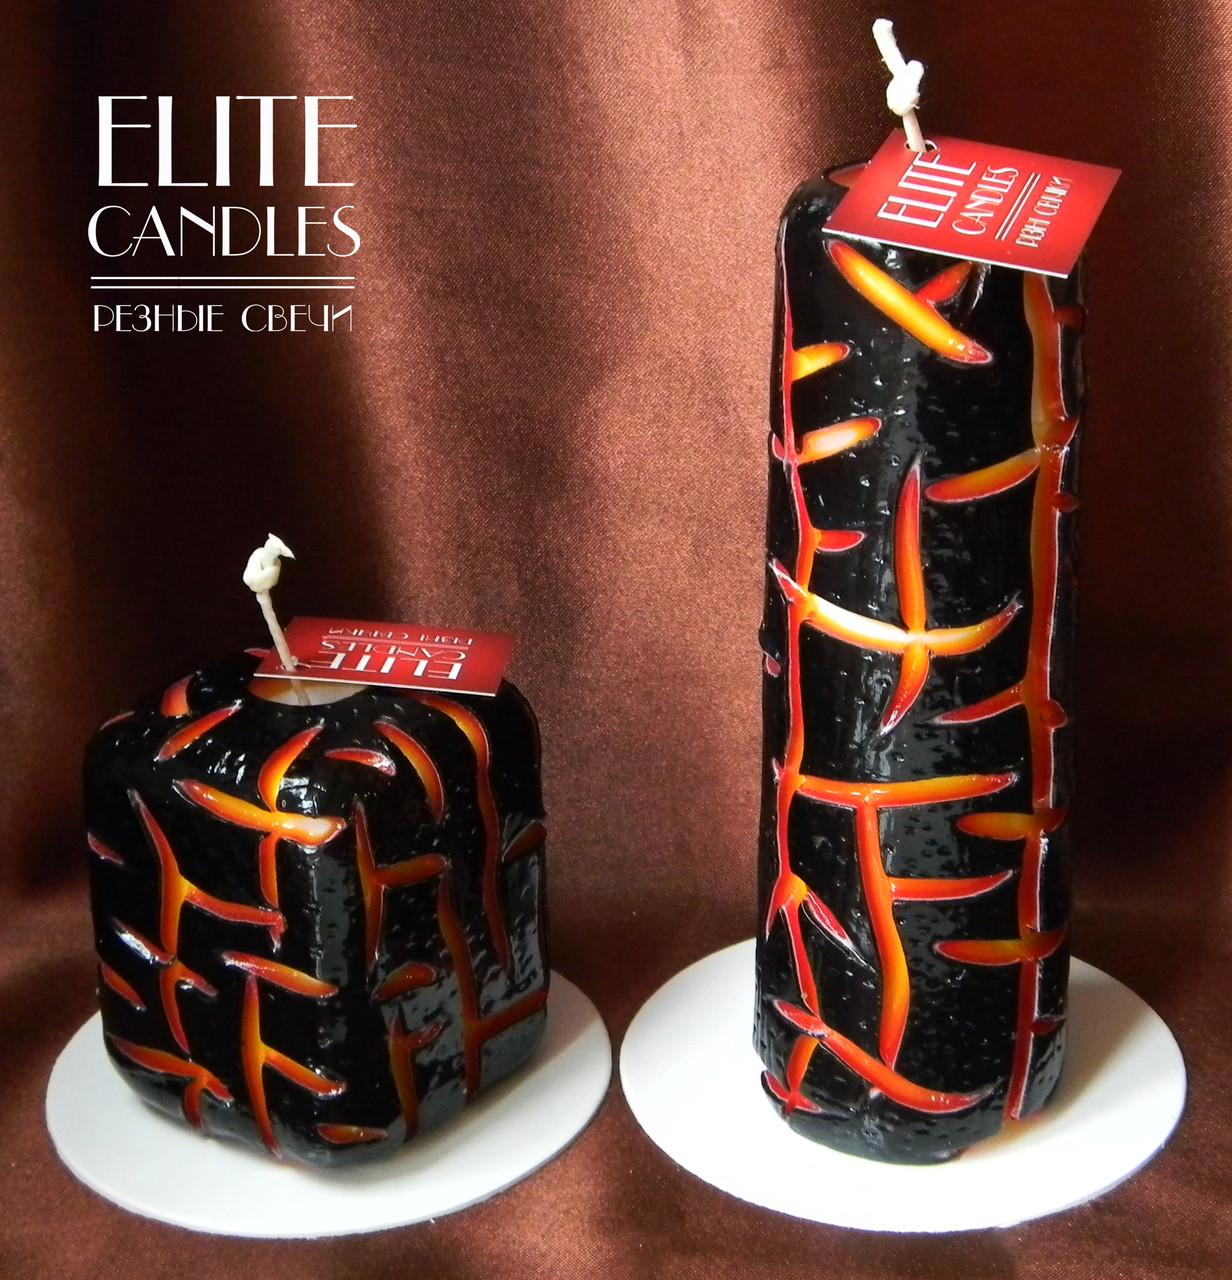 Декоративні свічки ELITE CANDLES - ручна робота, власний дизайн, оригінальні кольори